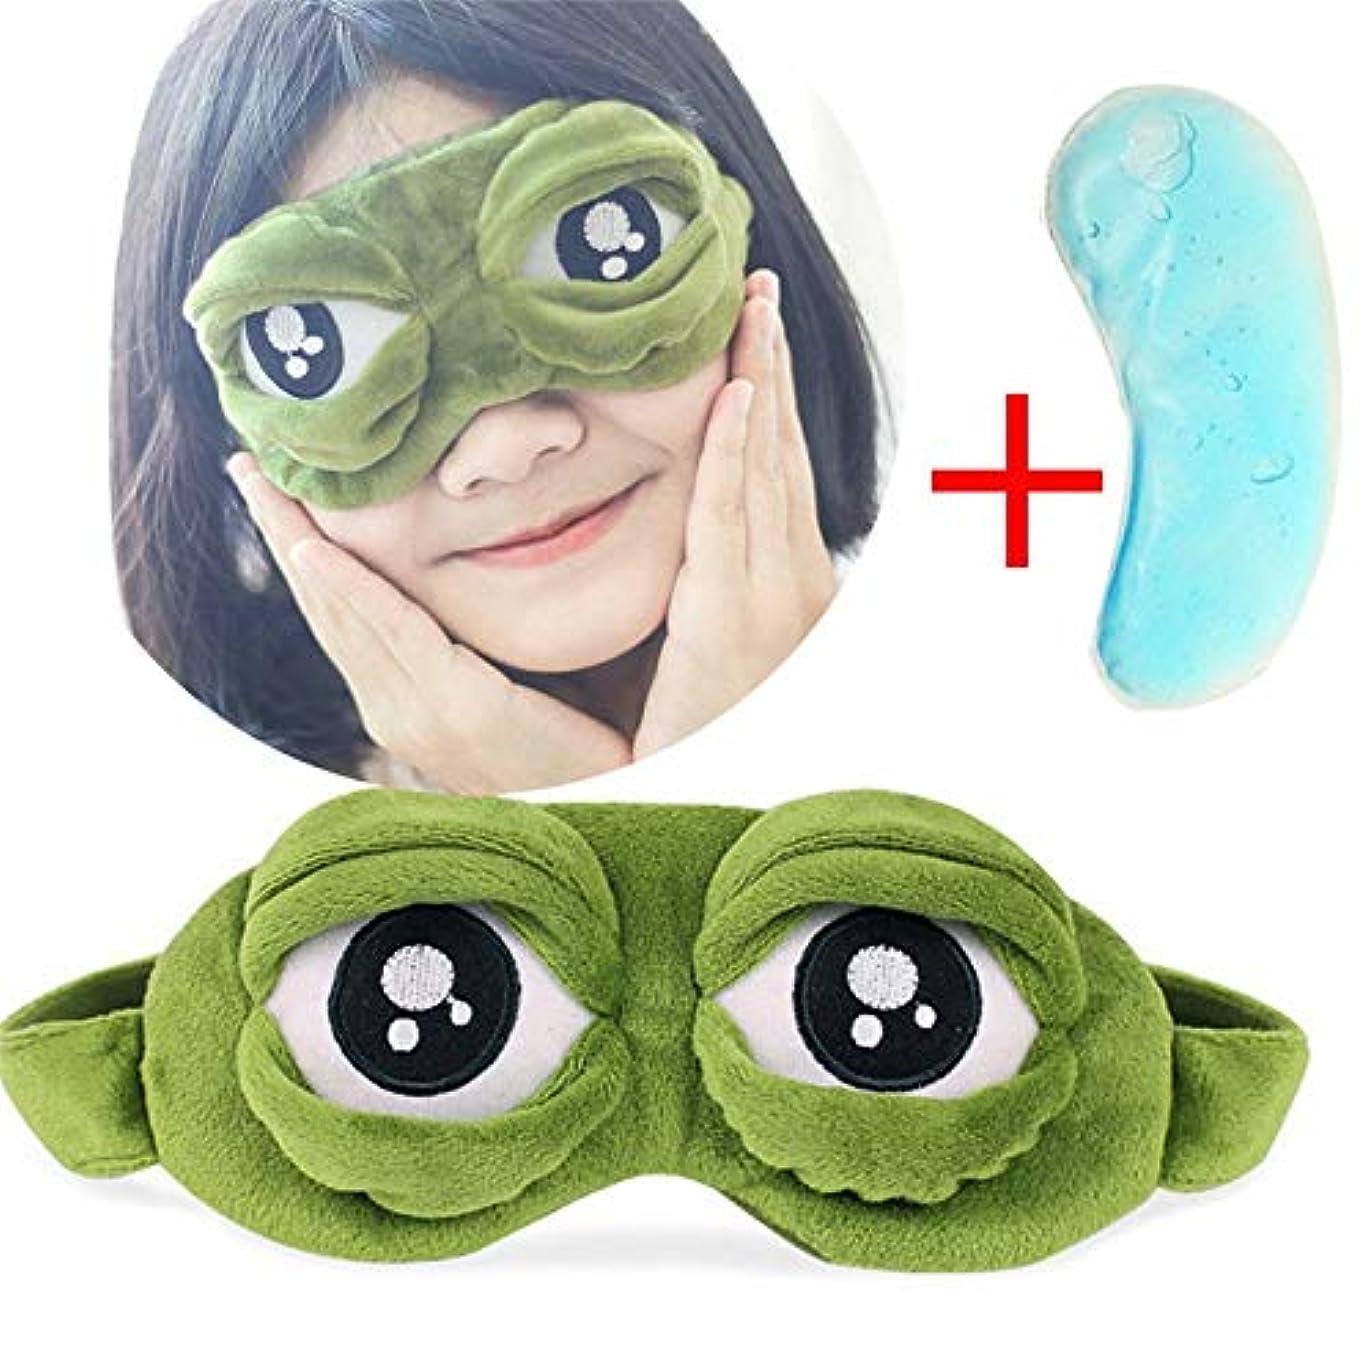 ジャズハック重要性注1ピースかわいいカエルの目カバー3dアイマスクカバー睡眠休み睡眠アニメ面白いギフト付きアイスバッグ2u0825